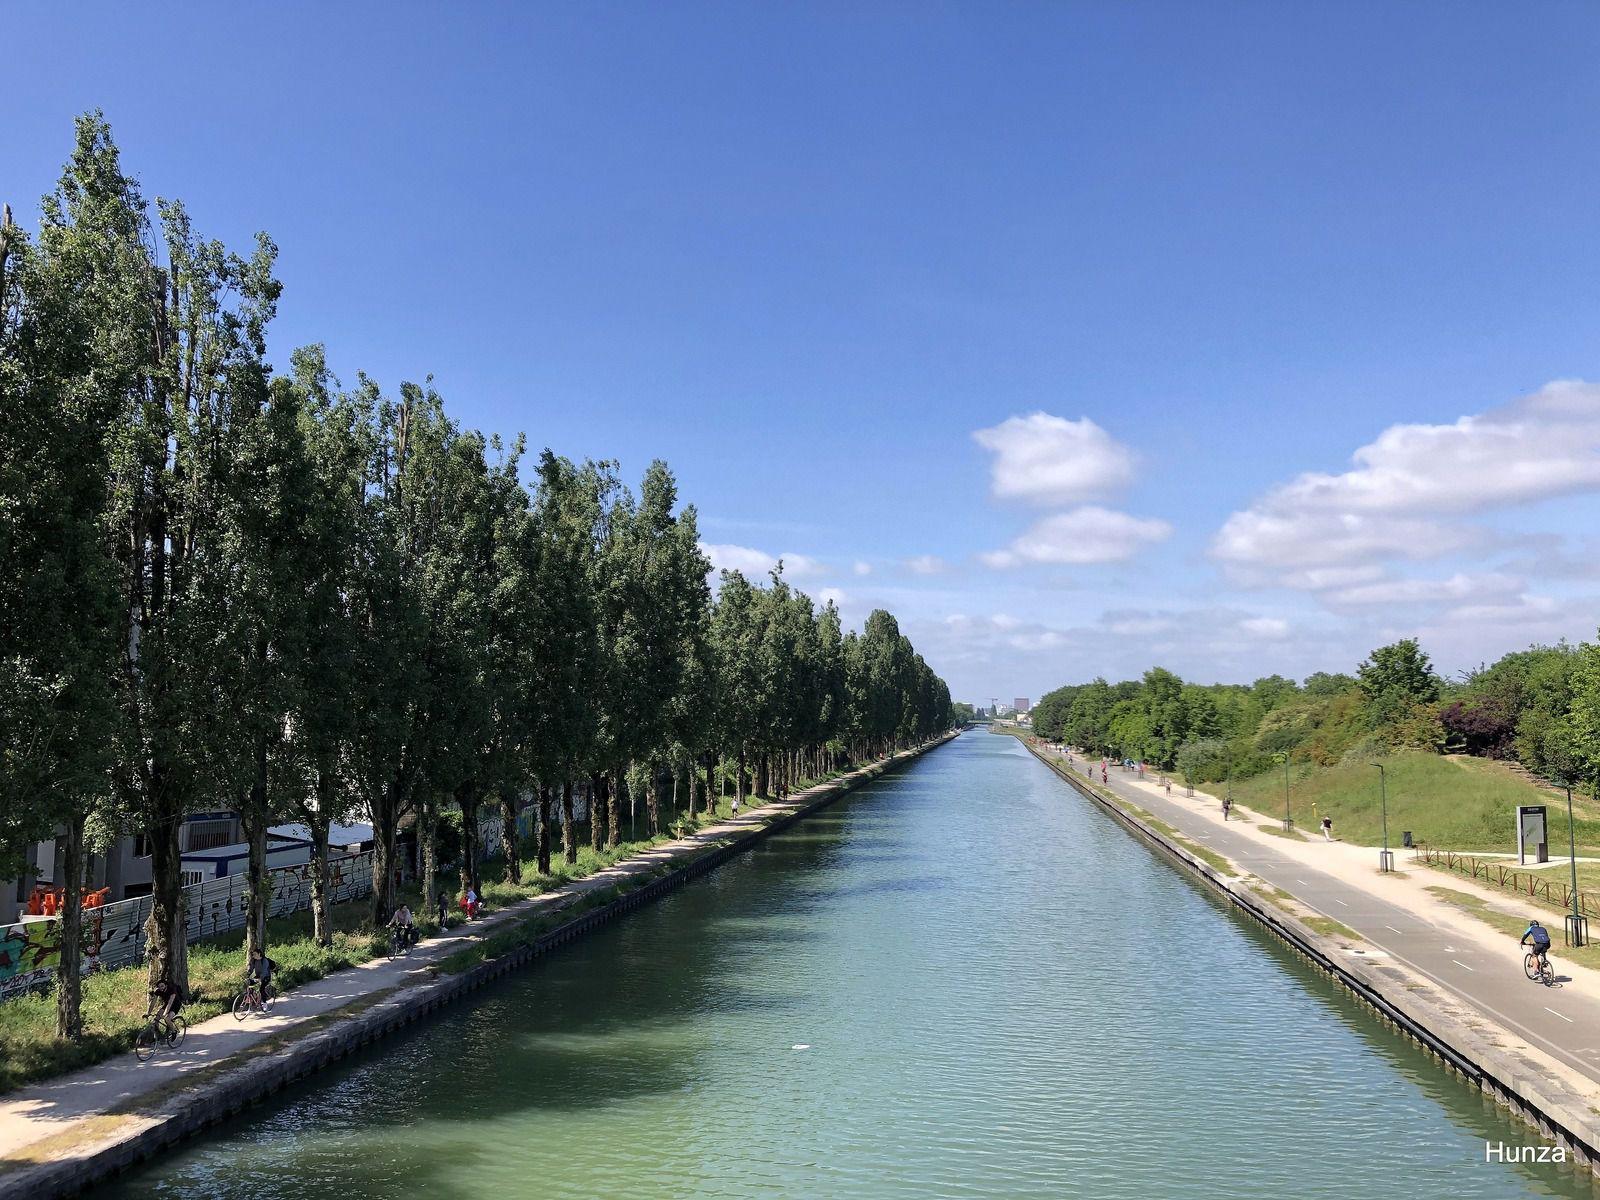 Vue du canal et du parc départemental de la Bergère (à gauche) depuis la passerelle Pierre-Simon Girard